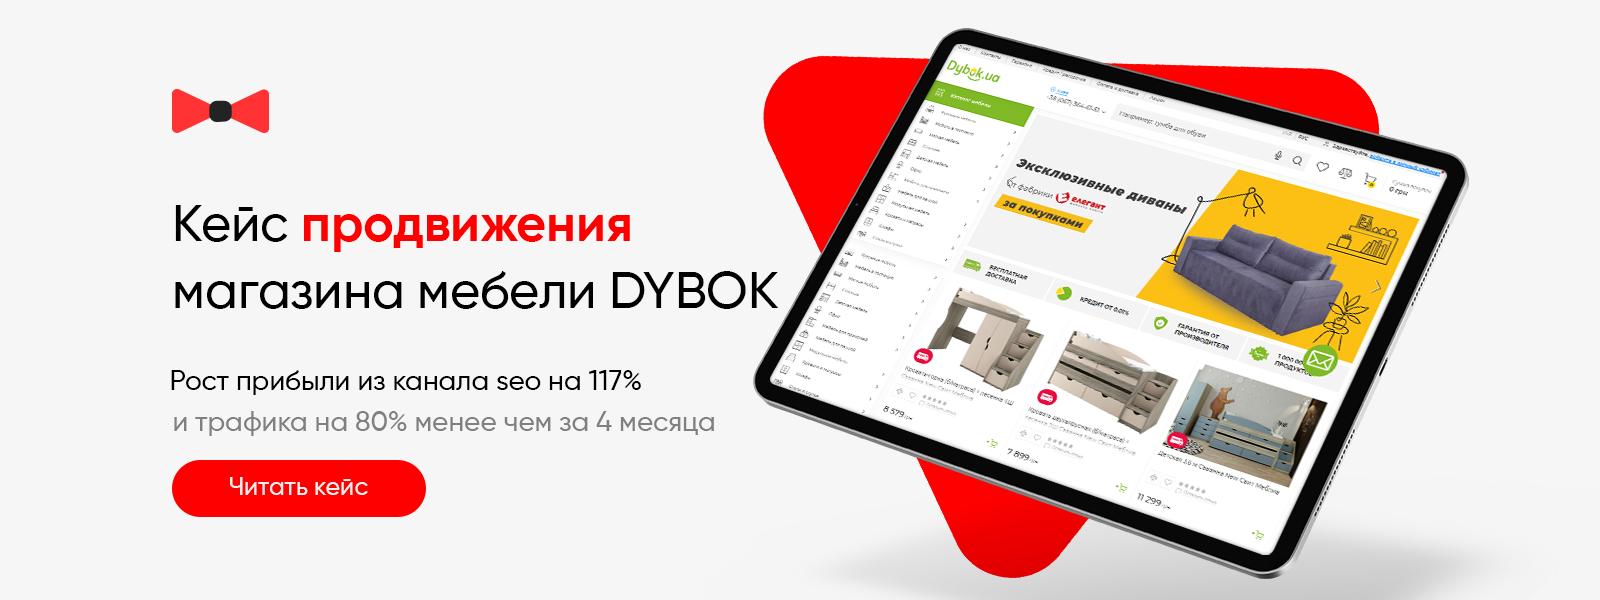 Кейс продвижения магазина мебели DYBOK